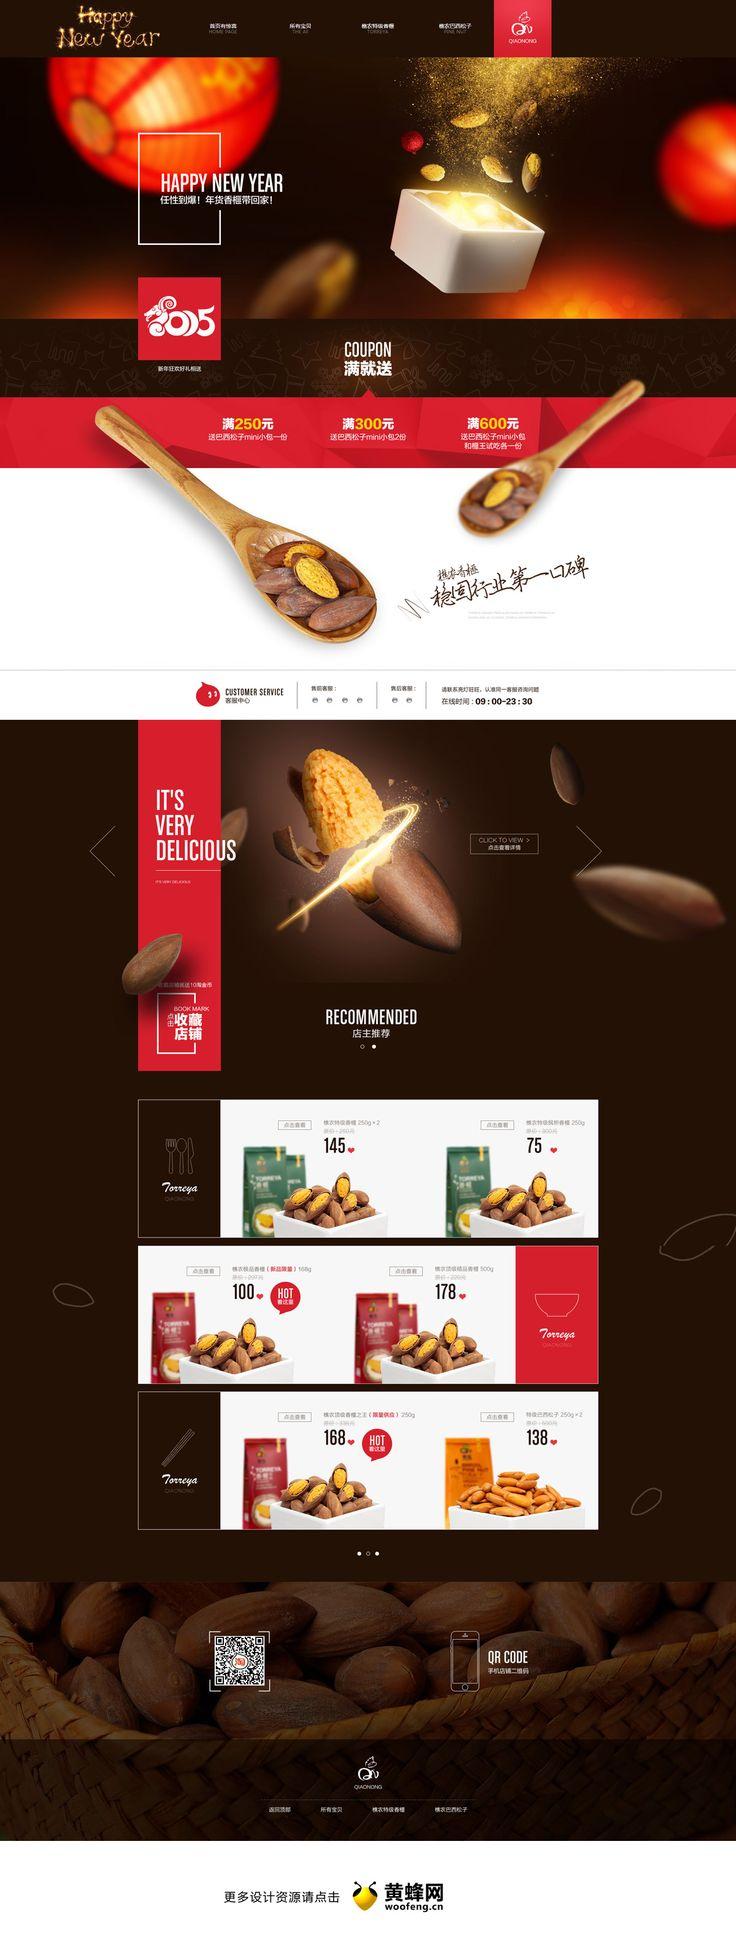 樵农庄园新年店铺首页设计,来源自黄蜂网http://woofeng.cn/